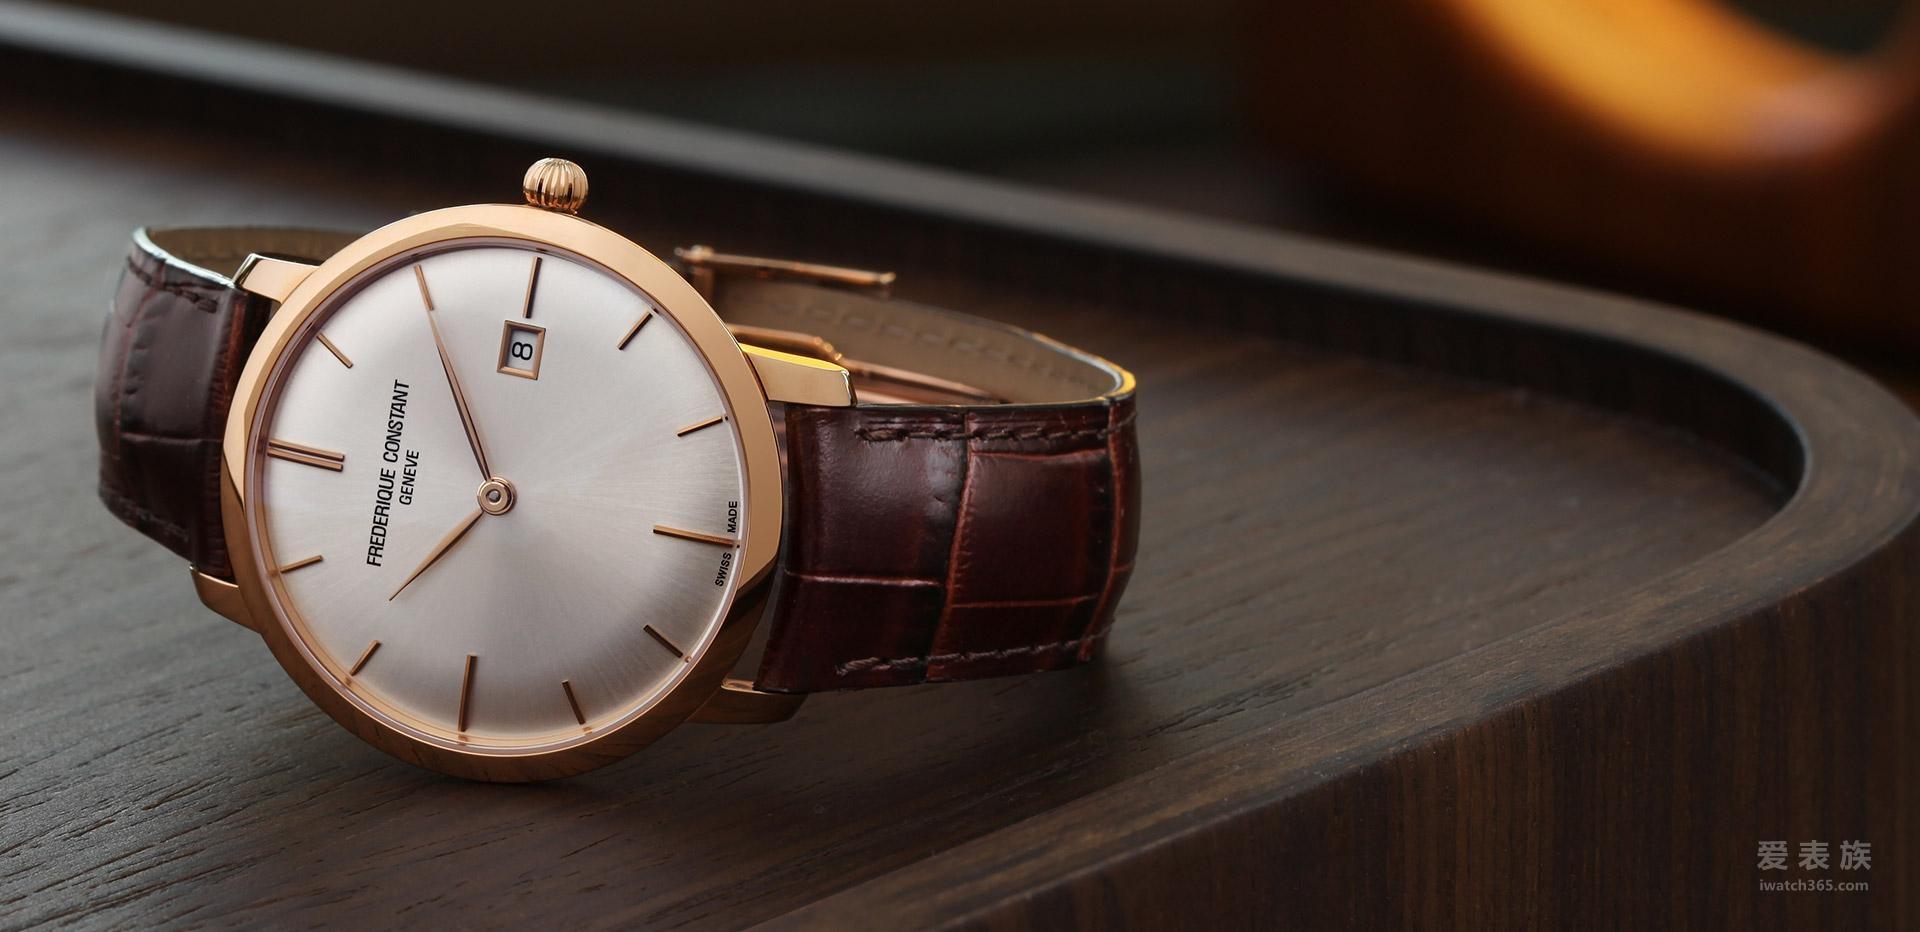 手表内部创意设计图